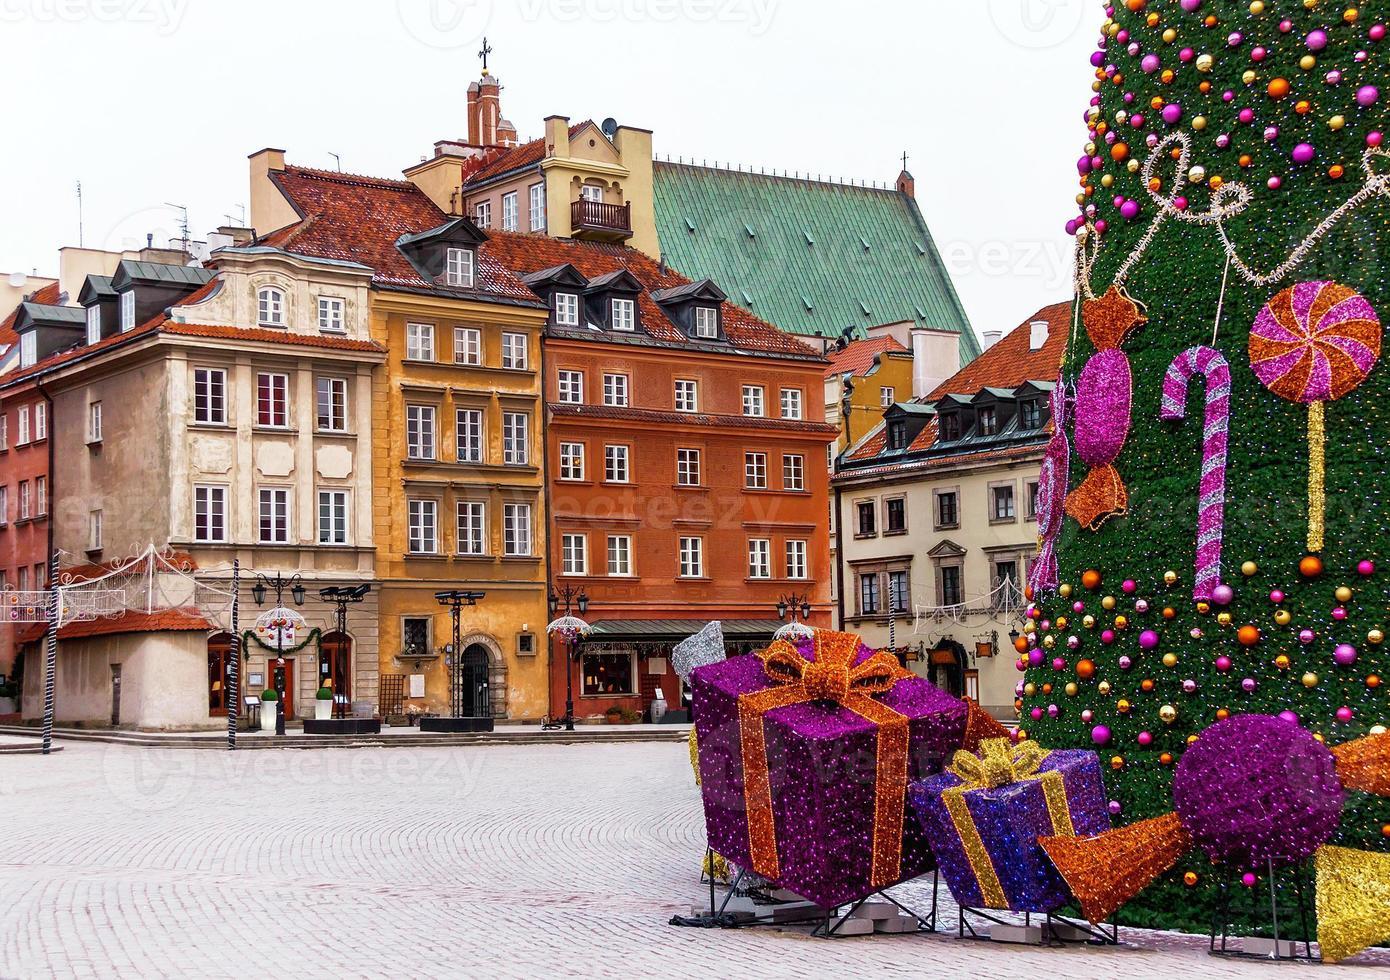 plaza del castillo de varsovia con casas medievales, árbol de navidad. foto